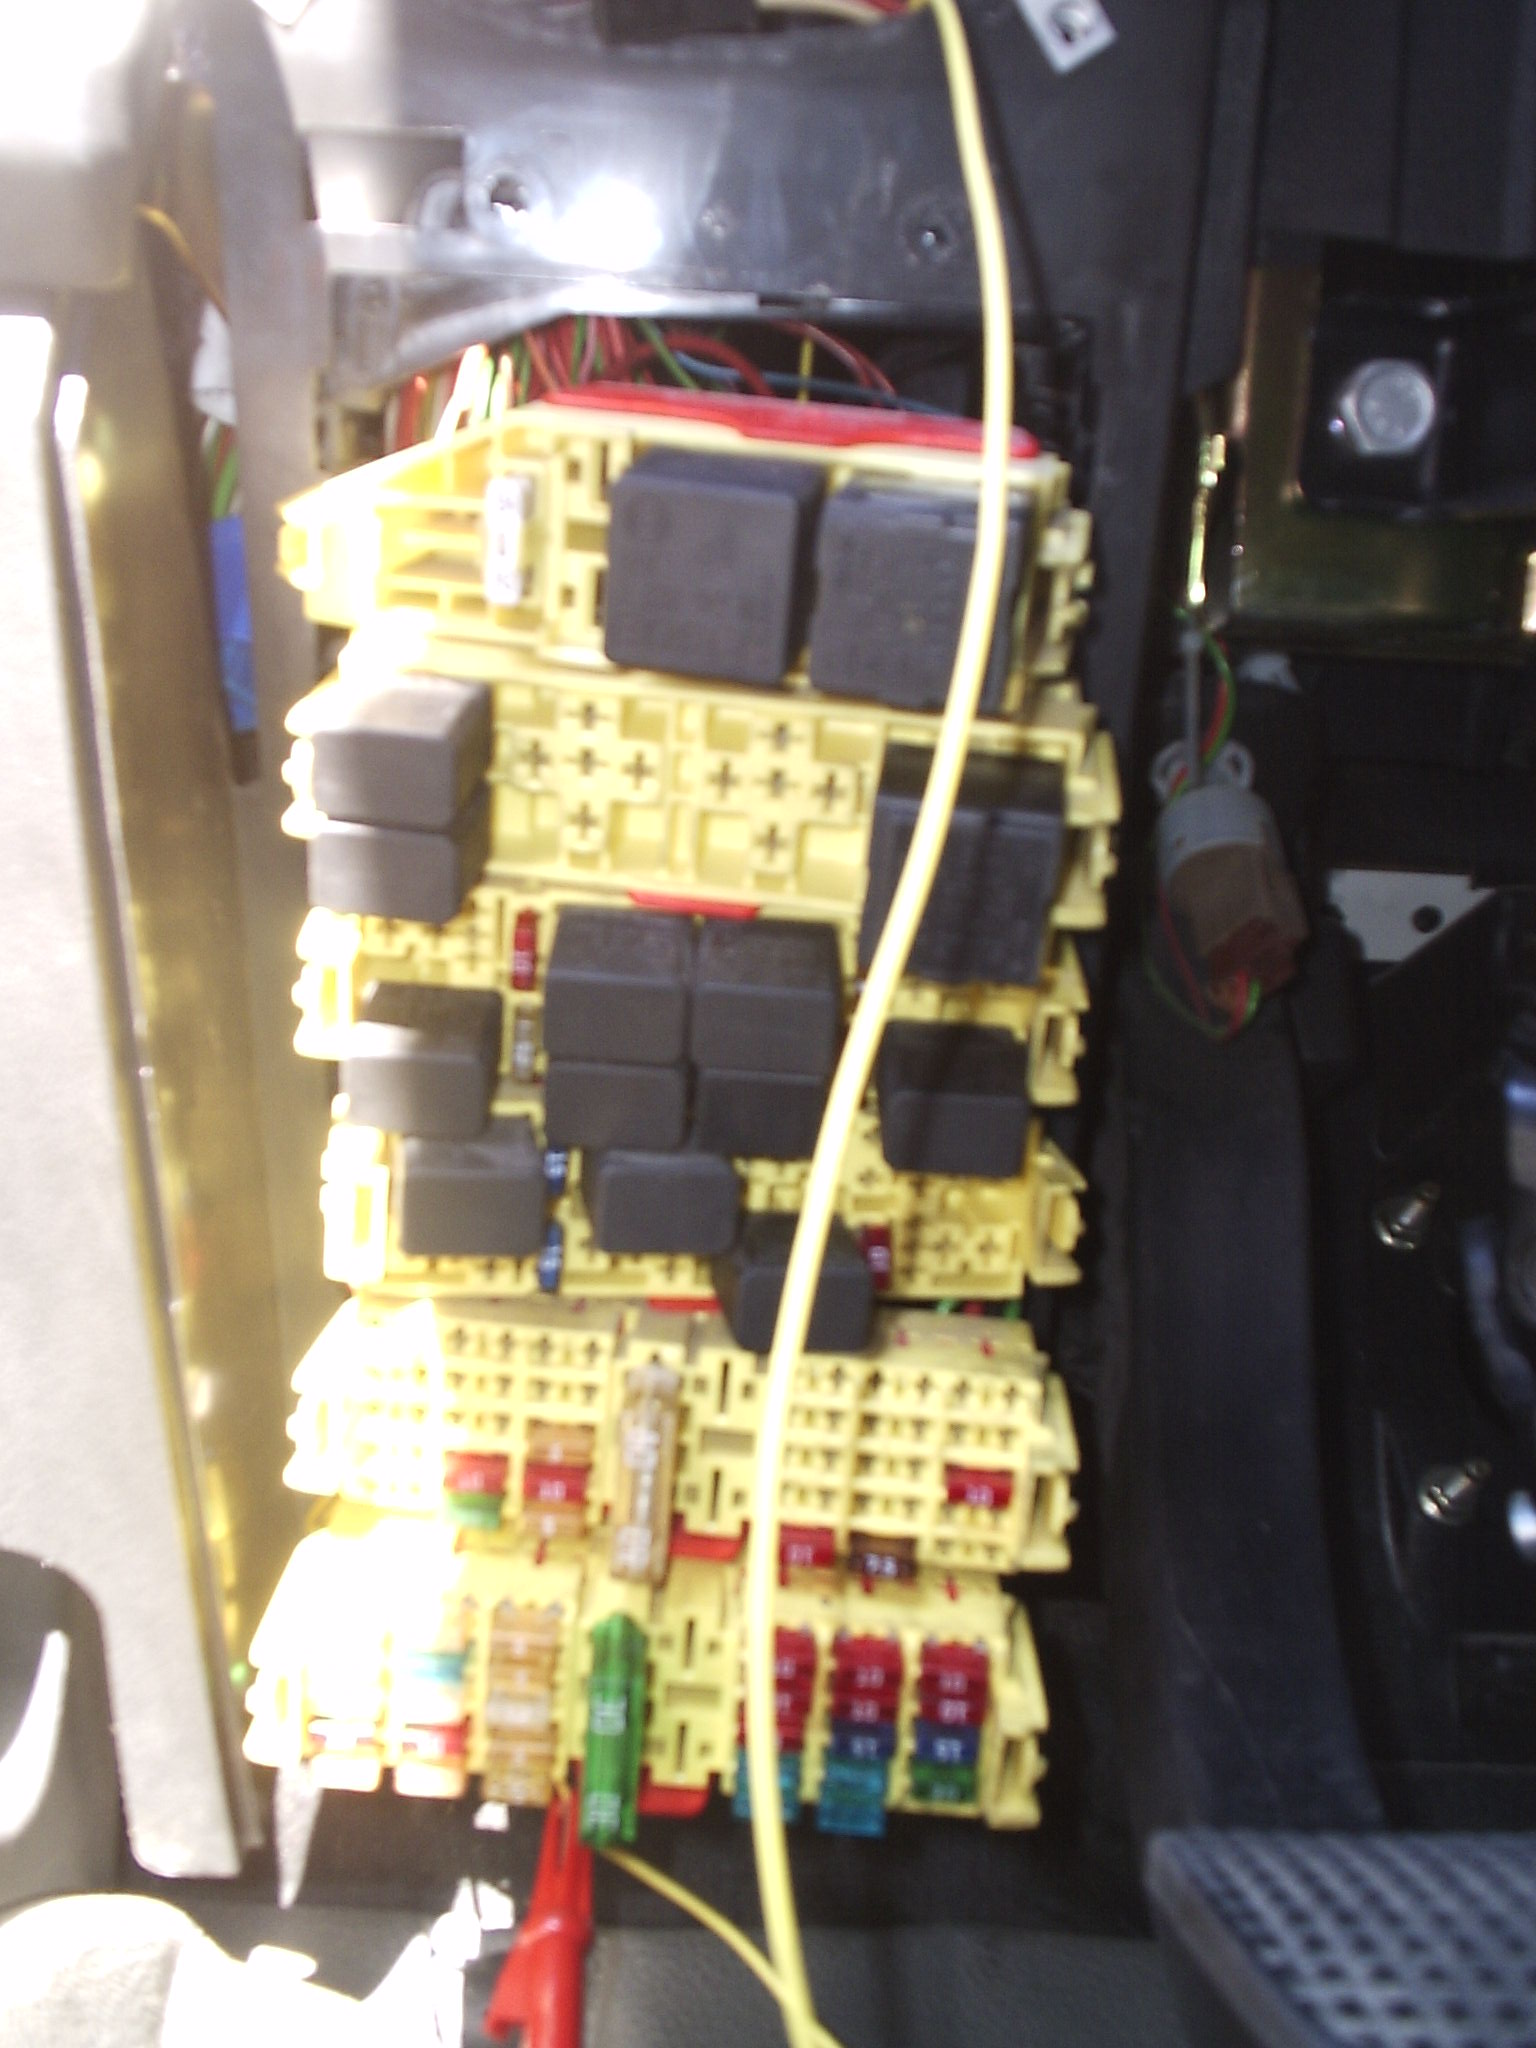 plus d 39 eclairage de tableau de bord et veilleuses hs iveco turbo daily diesel auto. Black Bedroom Furniture Sets. Home Design Ideas